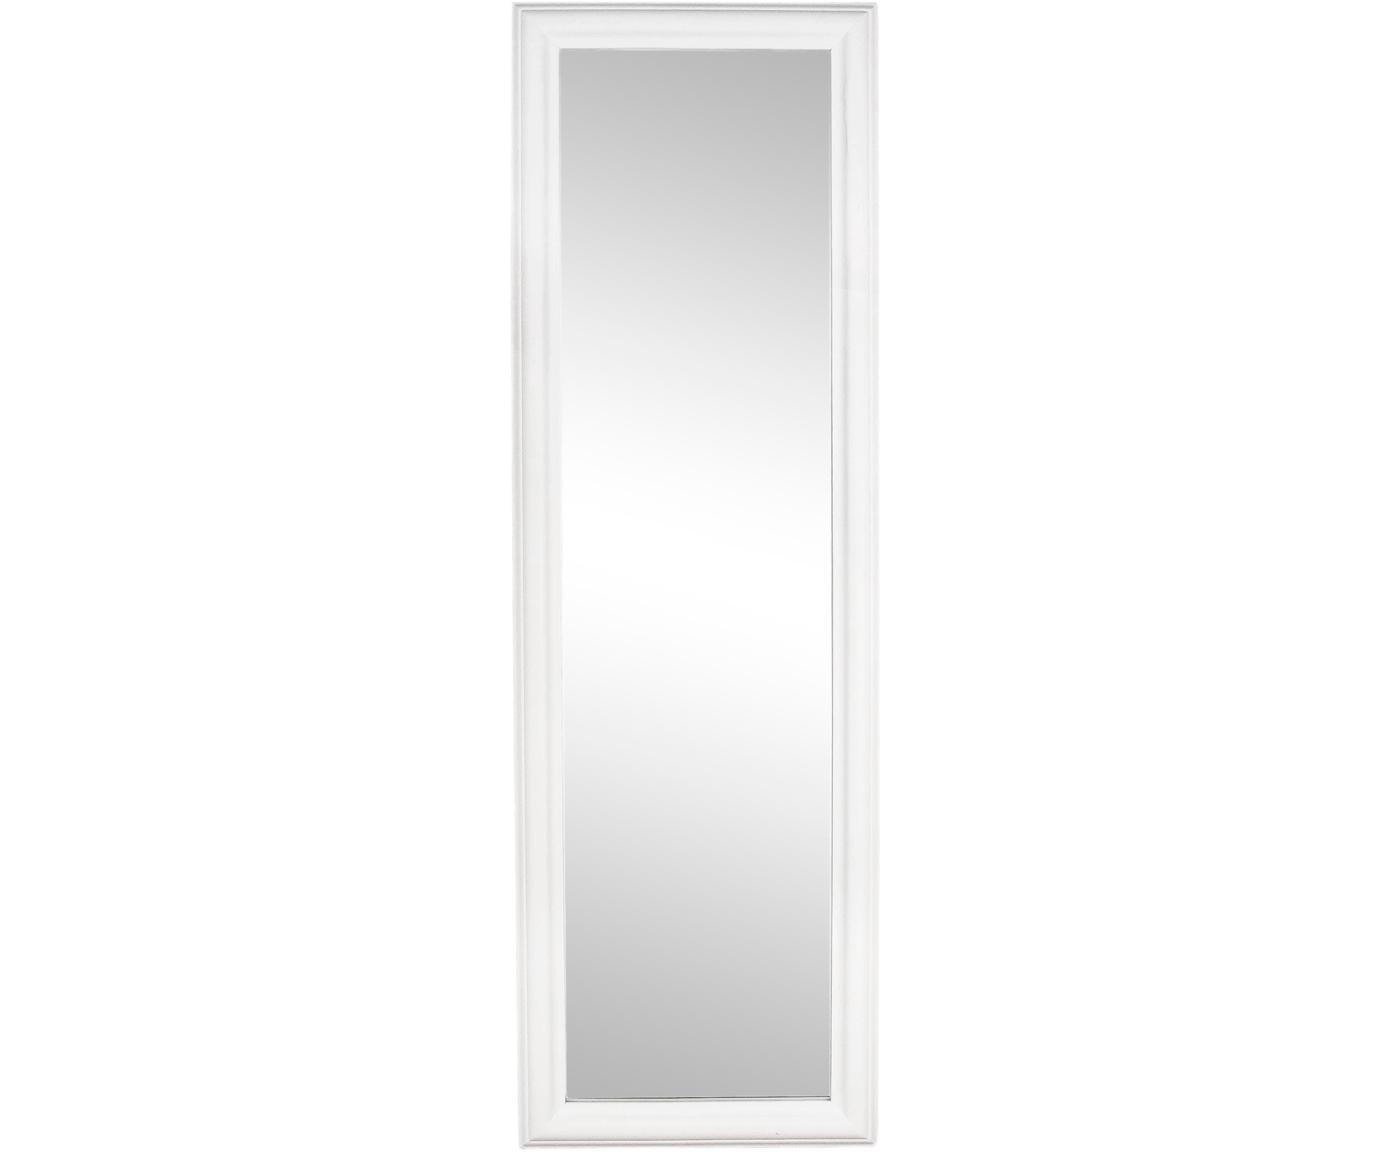 Specchio da parete cornice in legno Sanzio, Cornice: legno, rivestito, Superficie dello specchio: lastra di vetro, Bianco, Larg. 42 x Alt. 132 cm